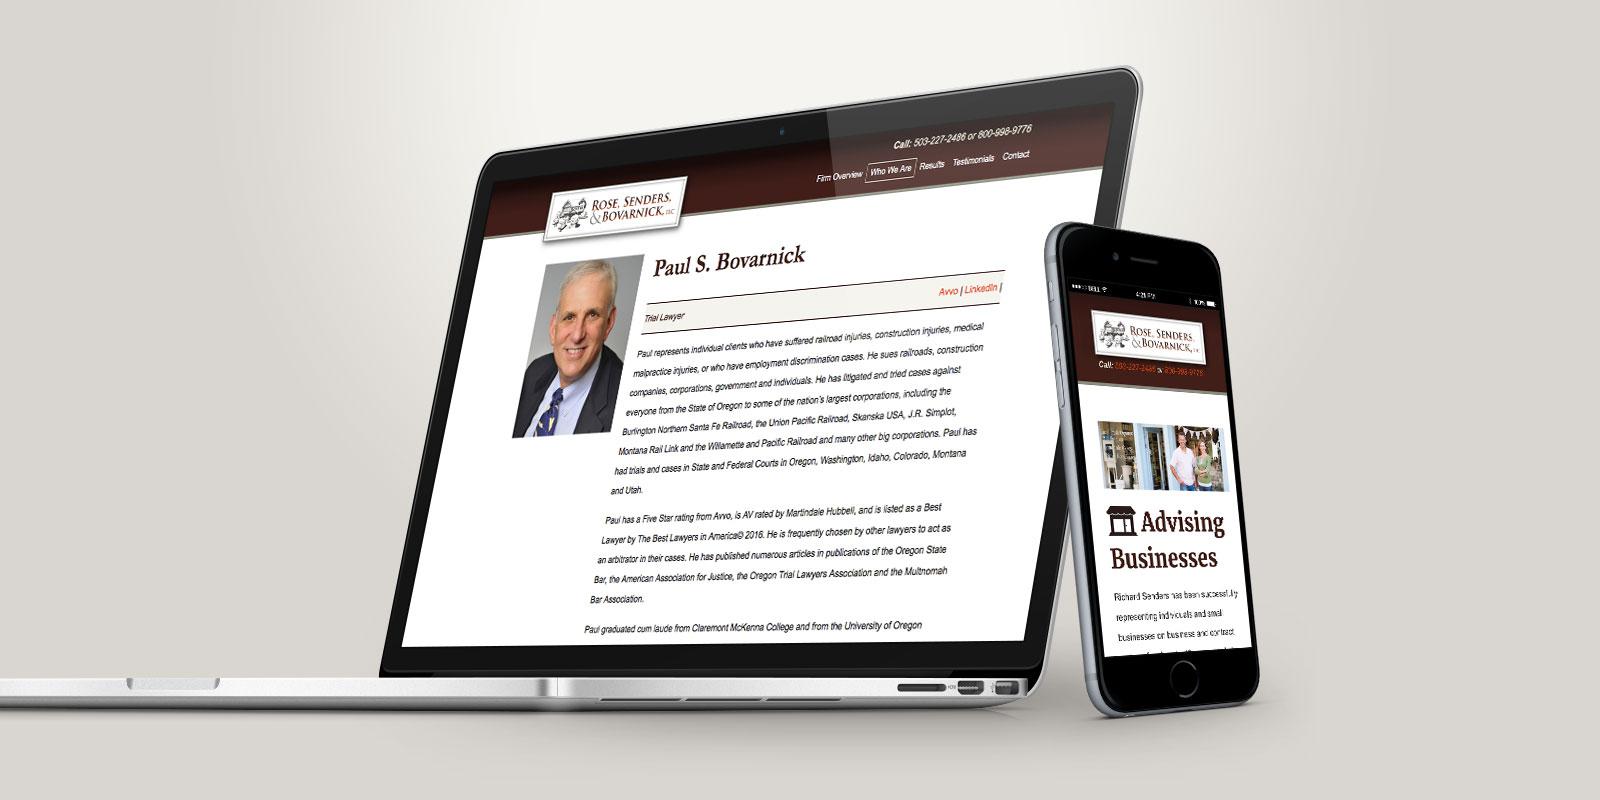 Rose, Sender, and Bovarnick website